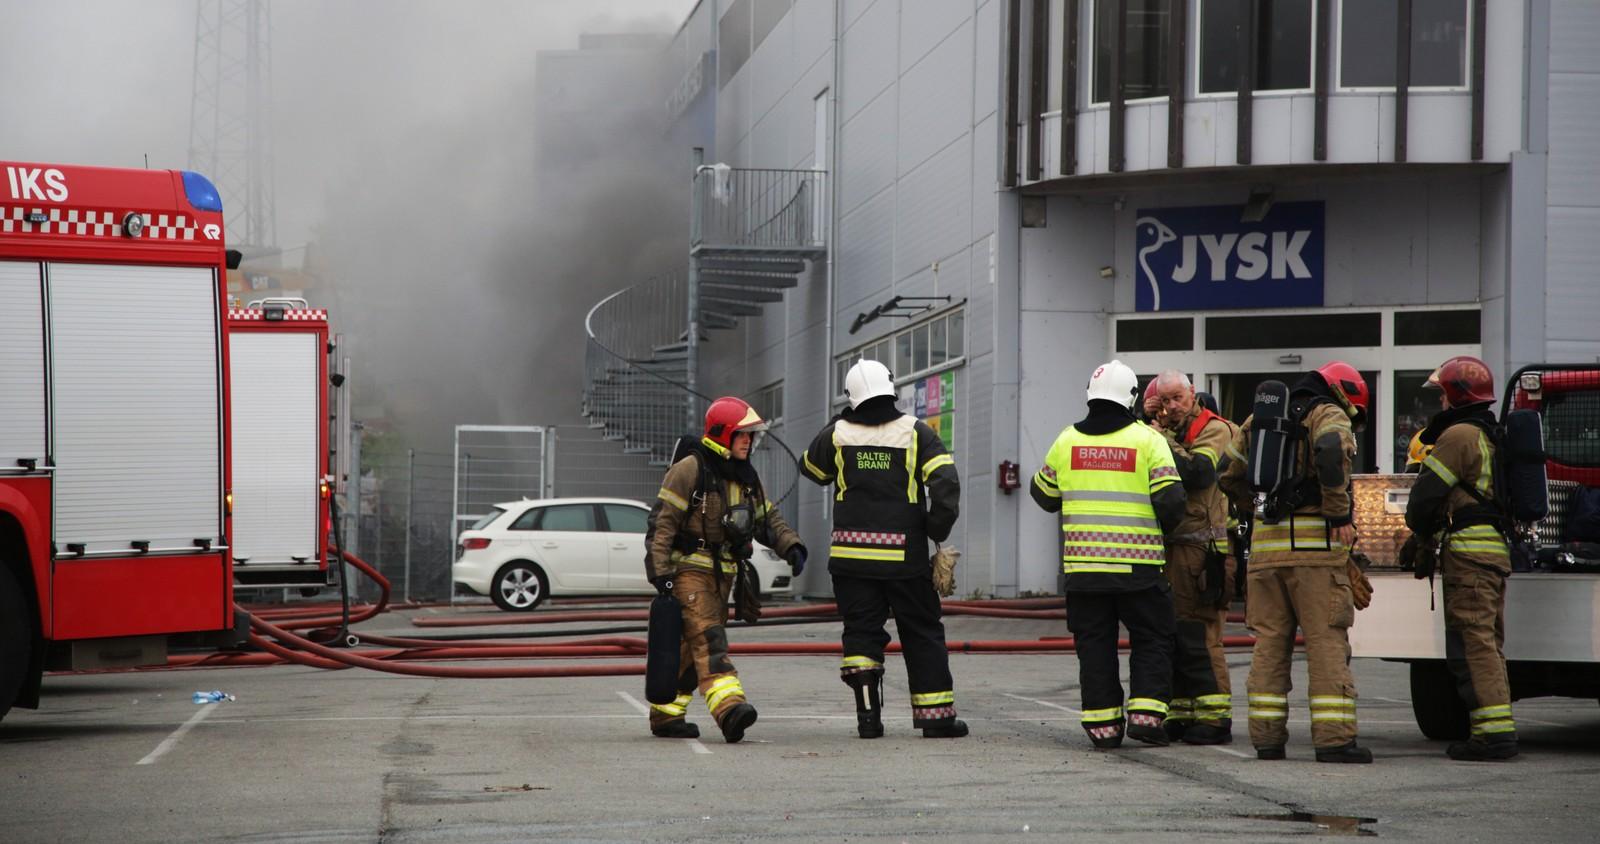 Politiet fikk melding om brannen like etter klokka 20.30 onsdag kveld.